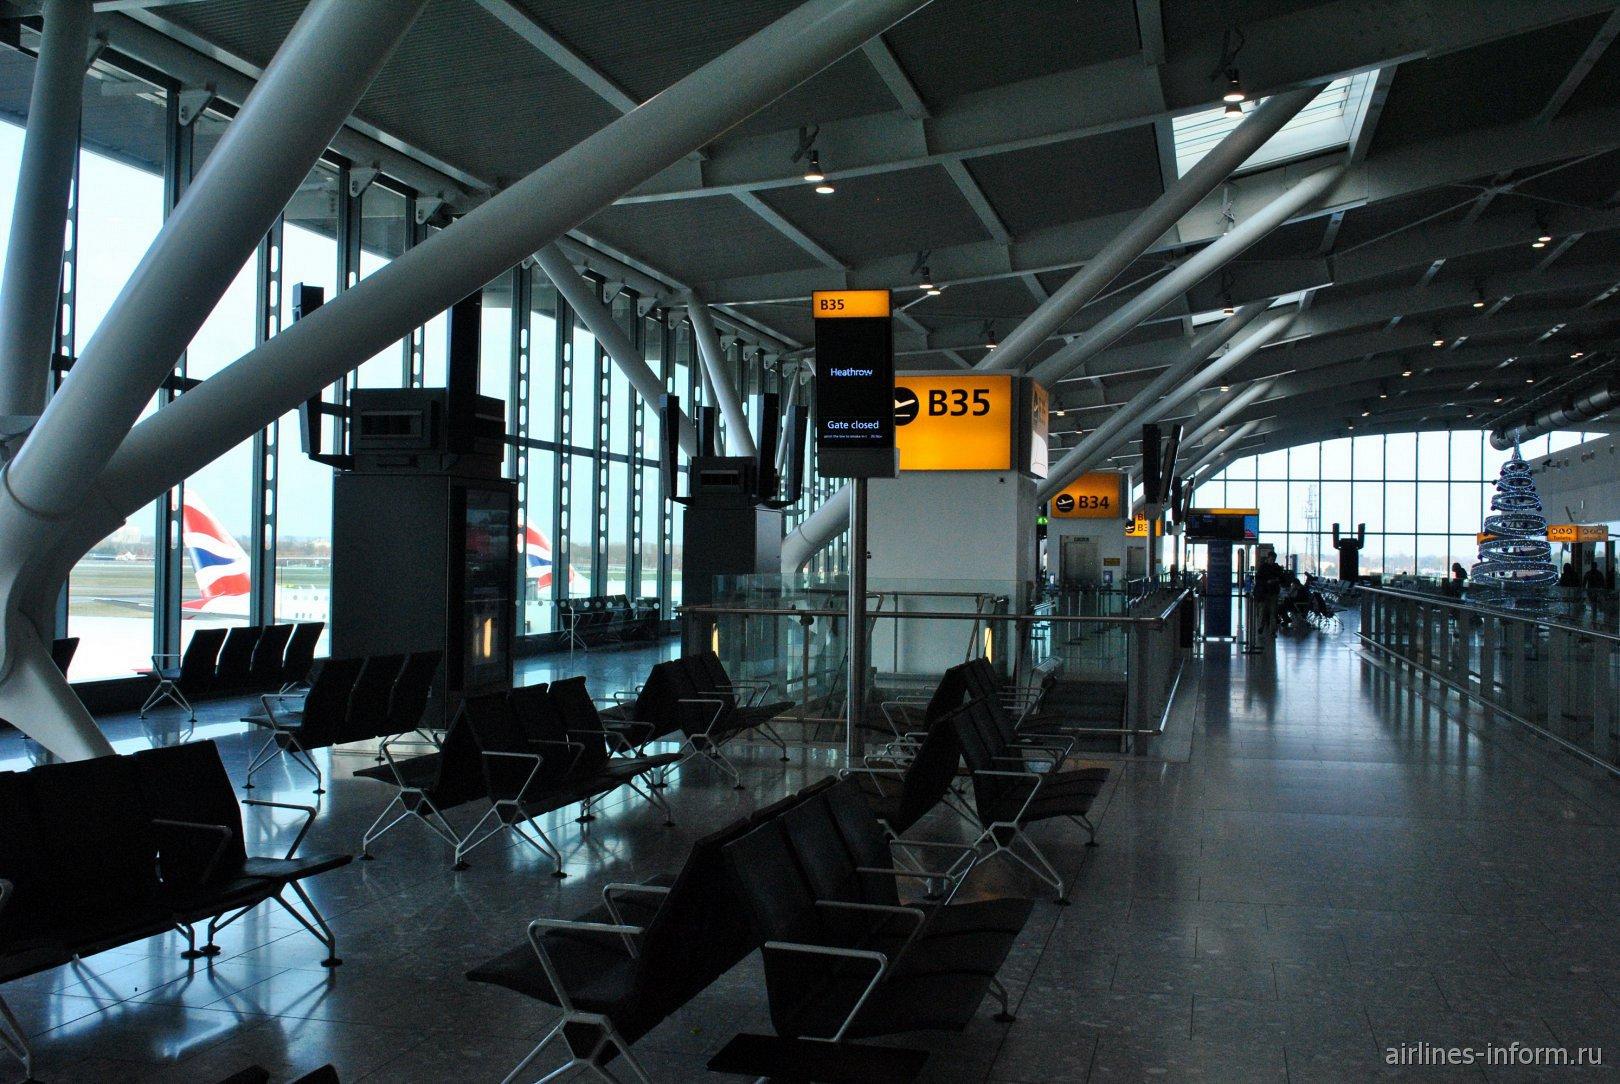 Гейты в терминале-сателлите Т5B аэропорта Лондон Хитроу